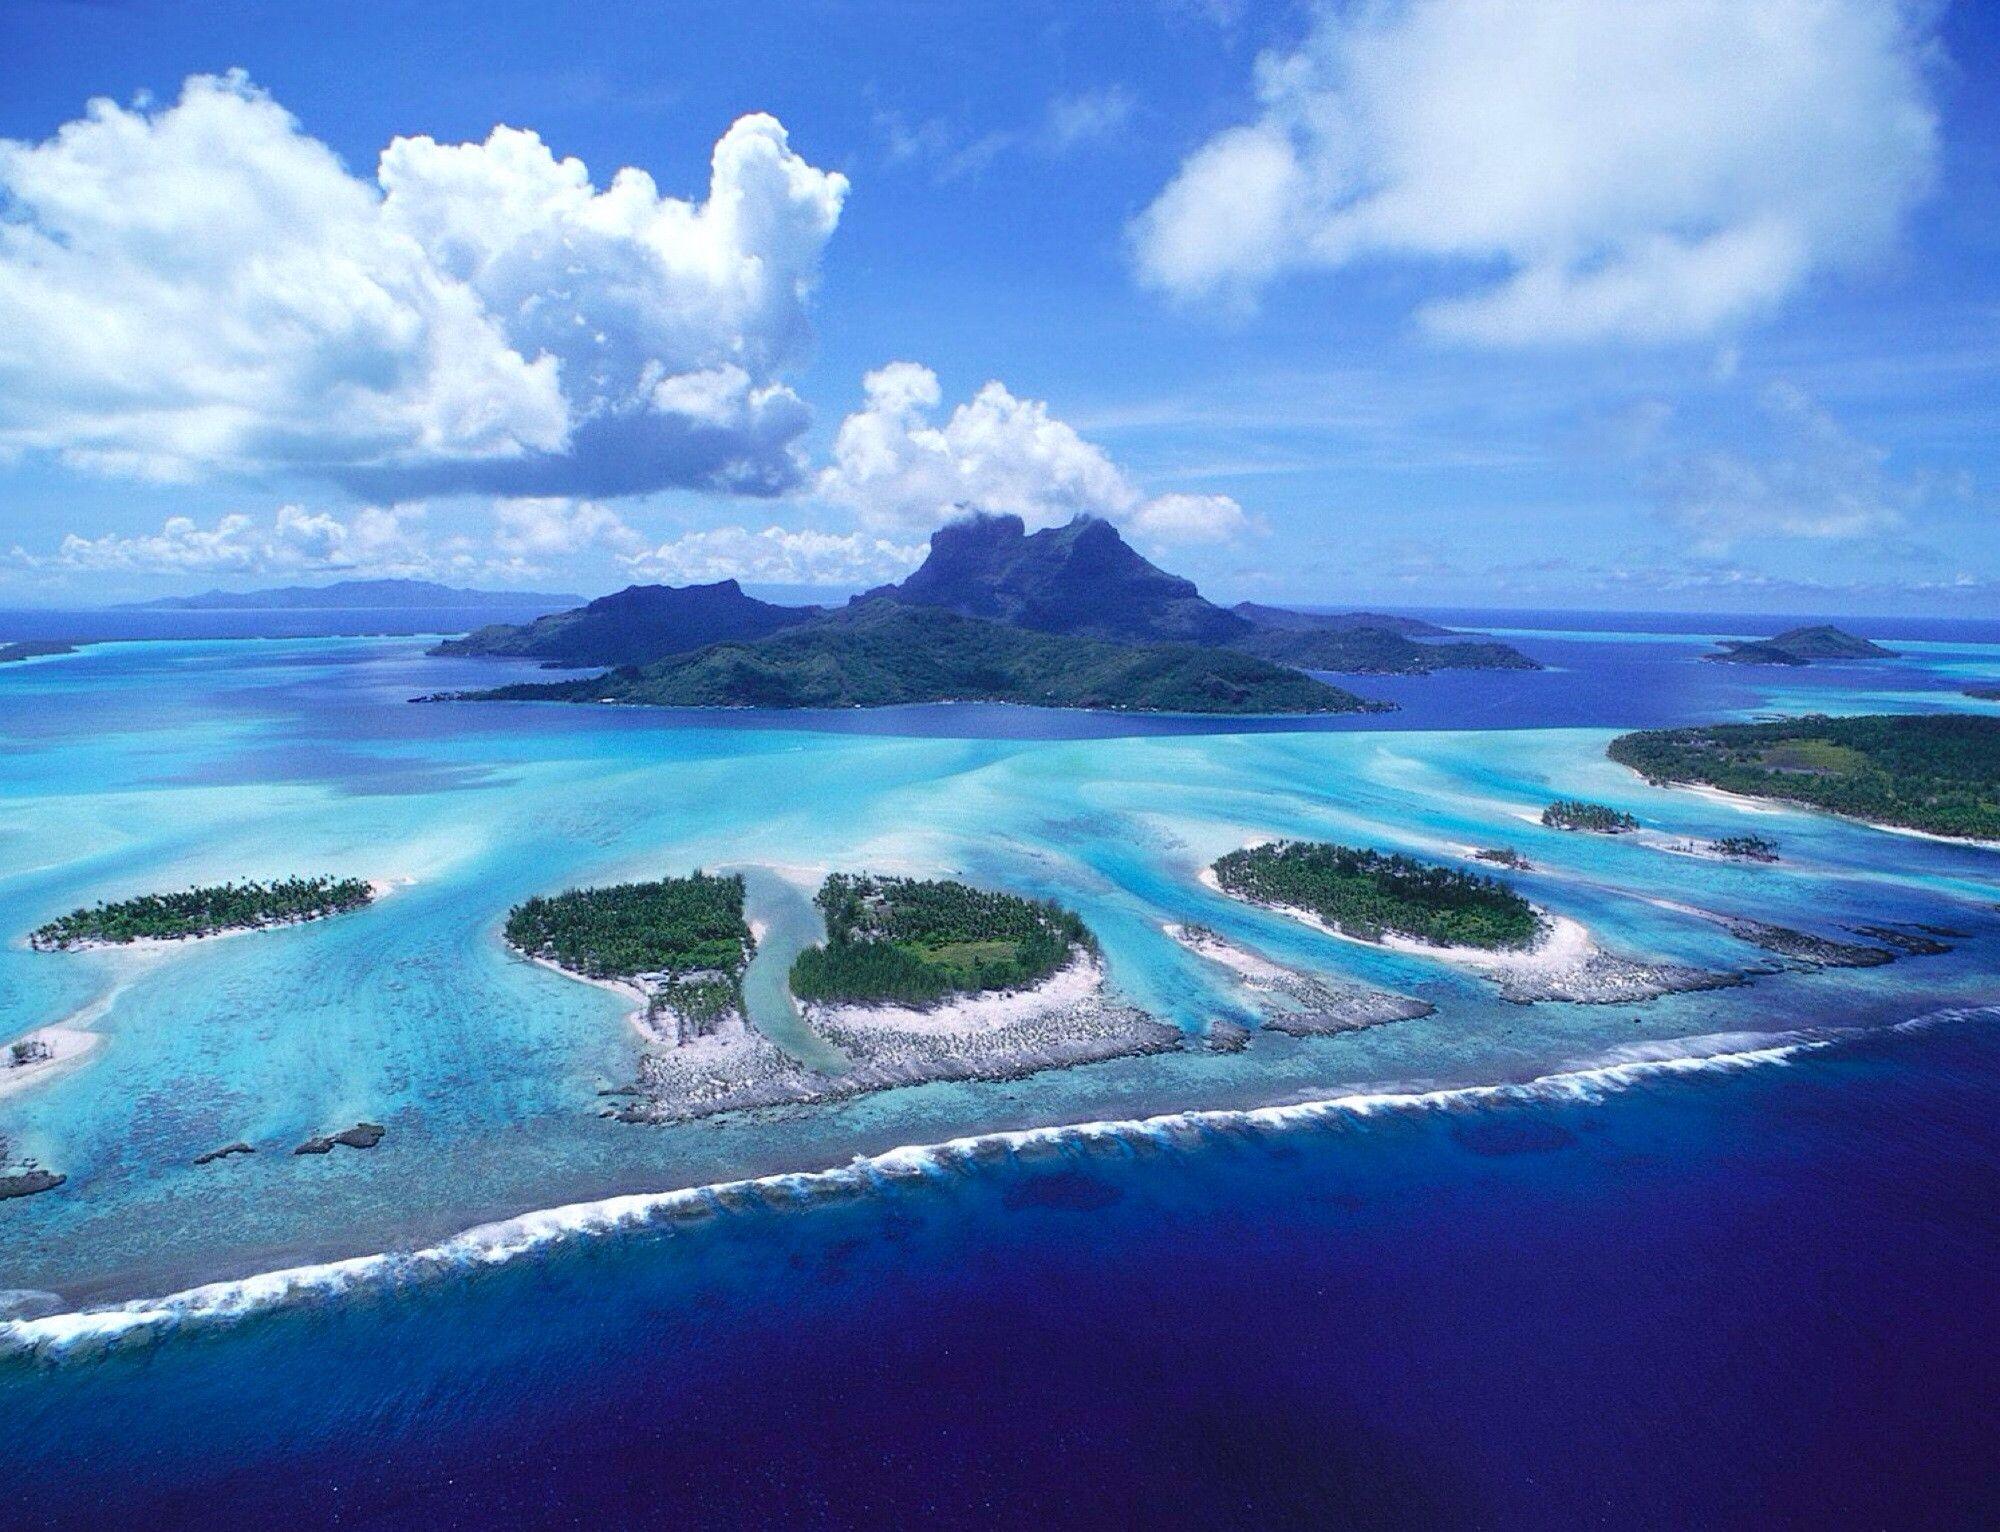 #Amazing View of Indian #Ocean